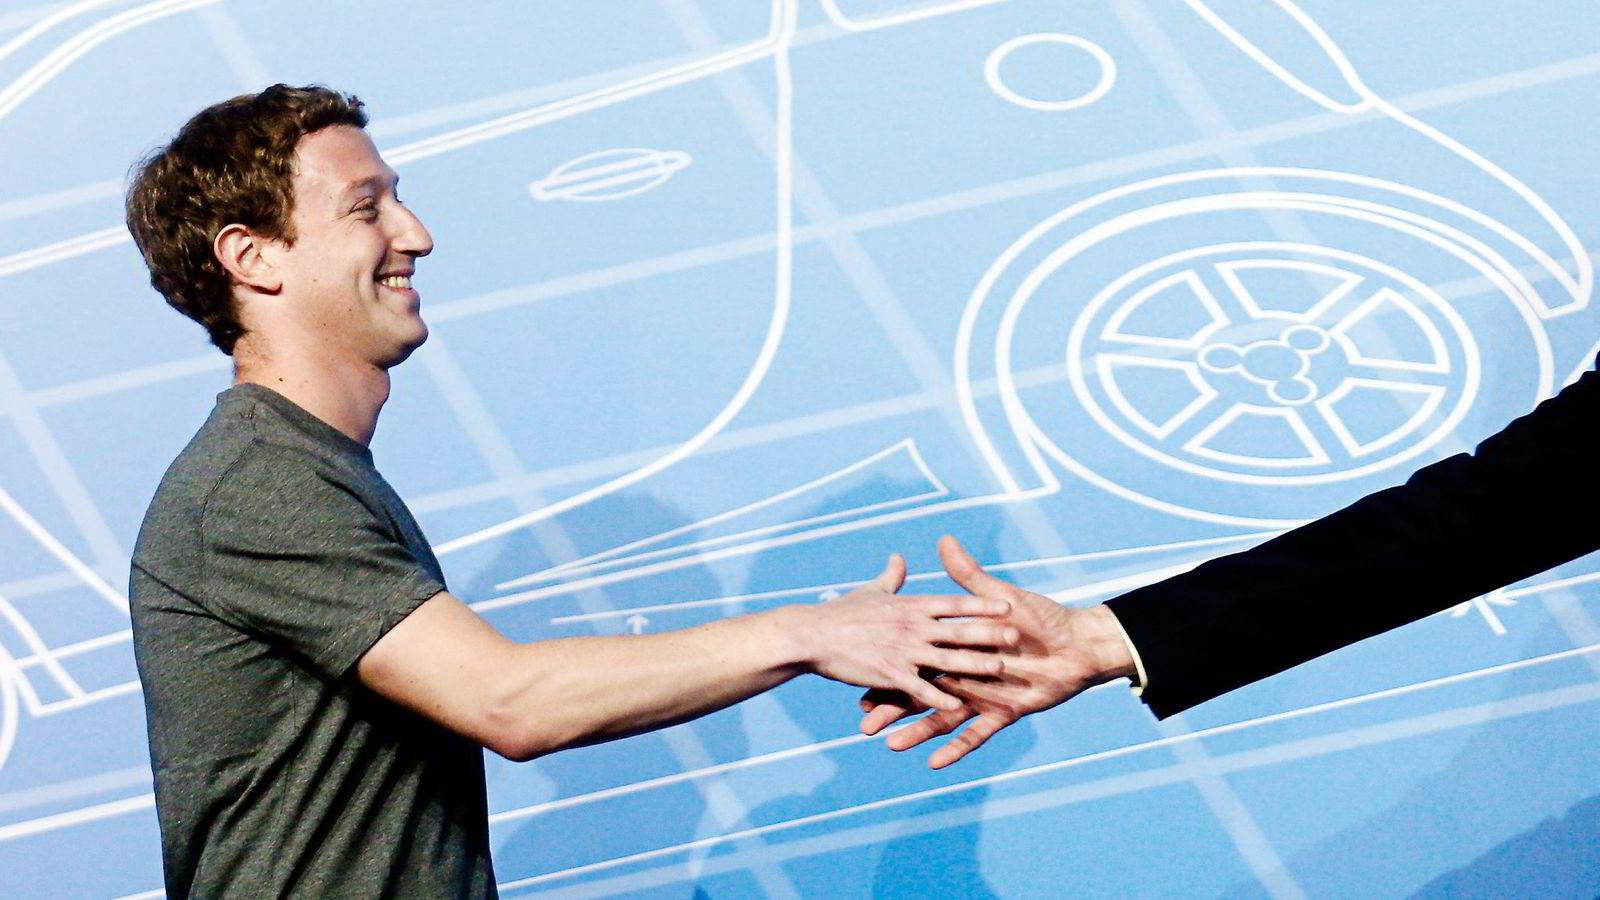 Facebook-sjef Mark Zuckerber ønsker å kunne tilby betalingstjenester og overføring av penger mellom sine brukere. Nå har han ansatt PayPal-sjef David Marcus.